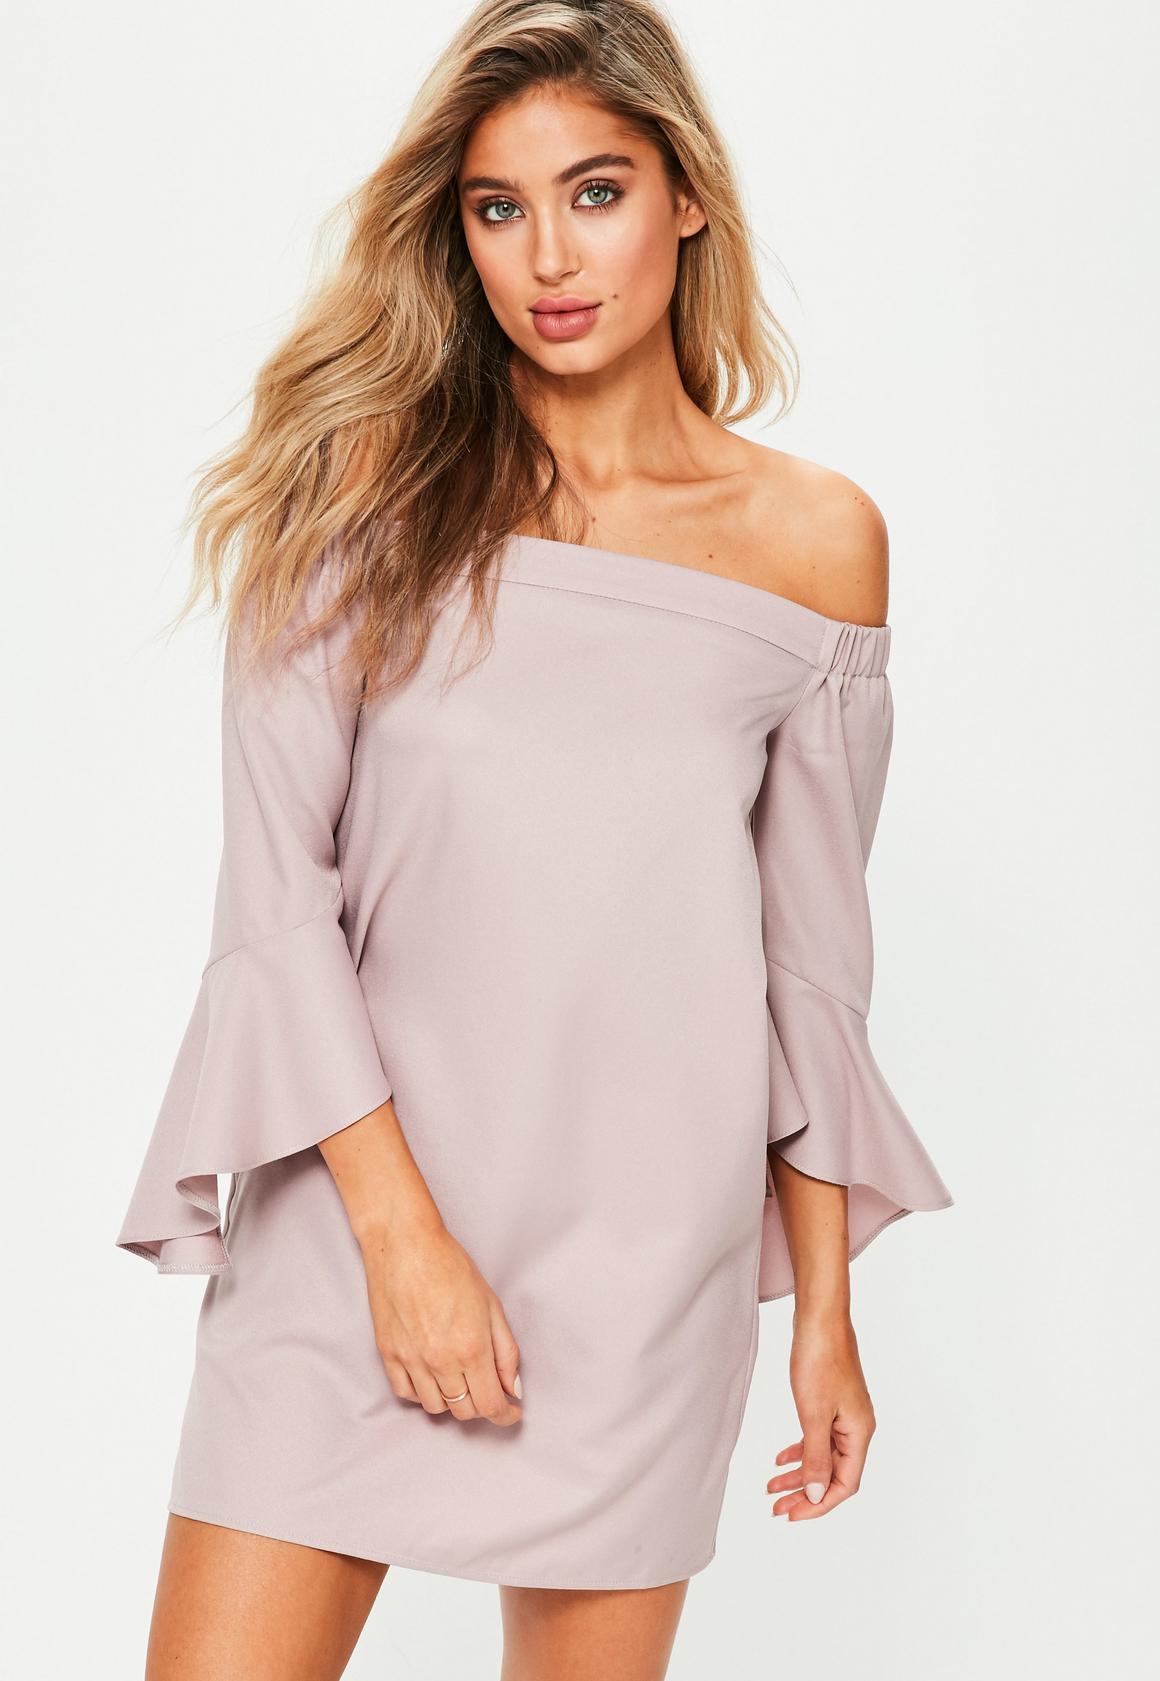 Dresses - Shop Women's Dresses Online | Missguided